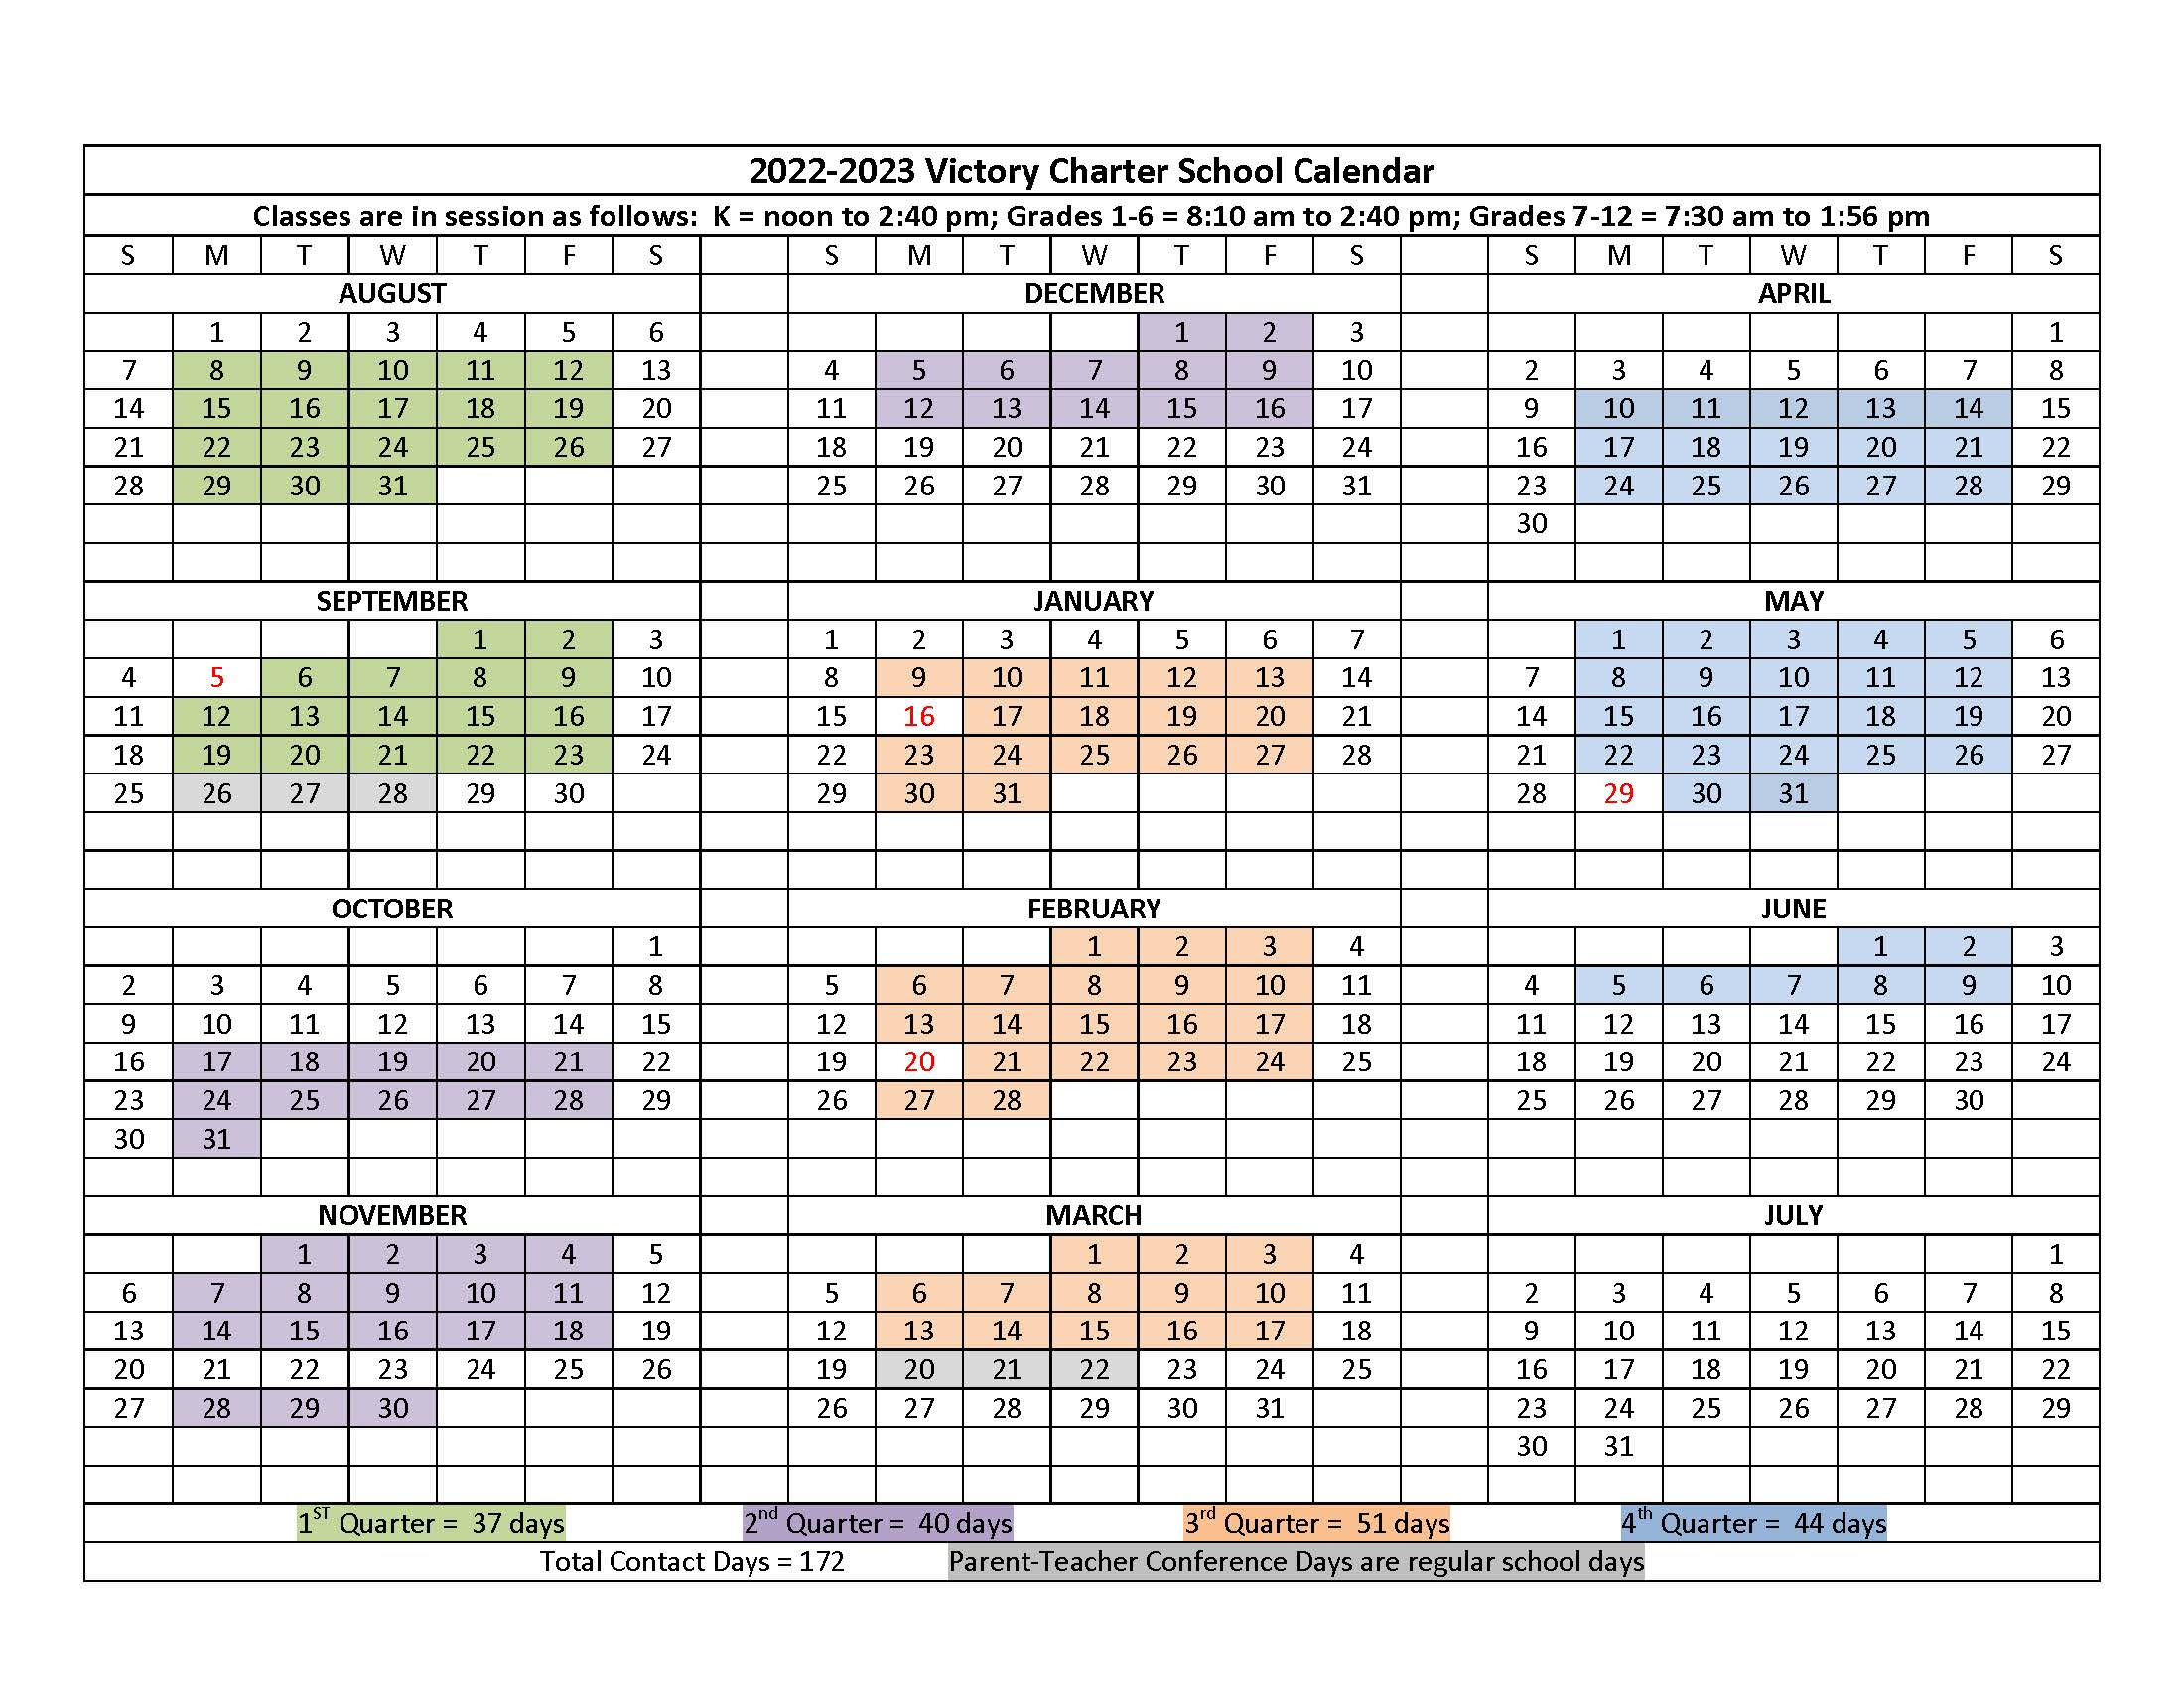 2022-2023 Calendar | Victory Charter School for Aiken County 2022 2023 School Calendar